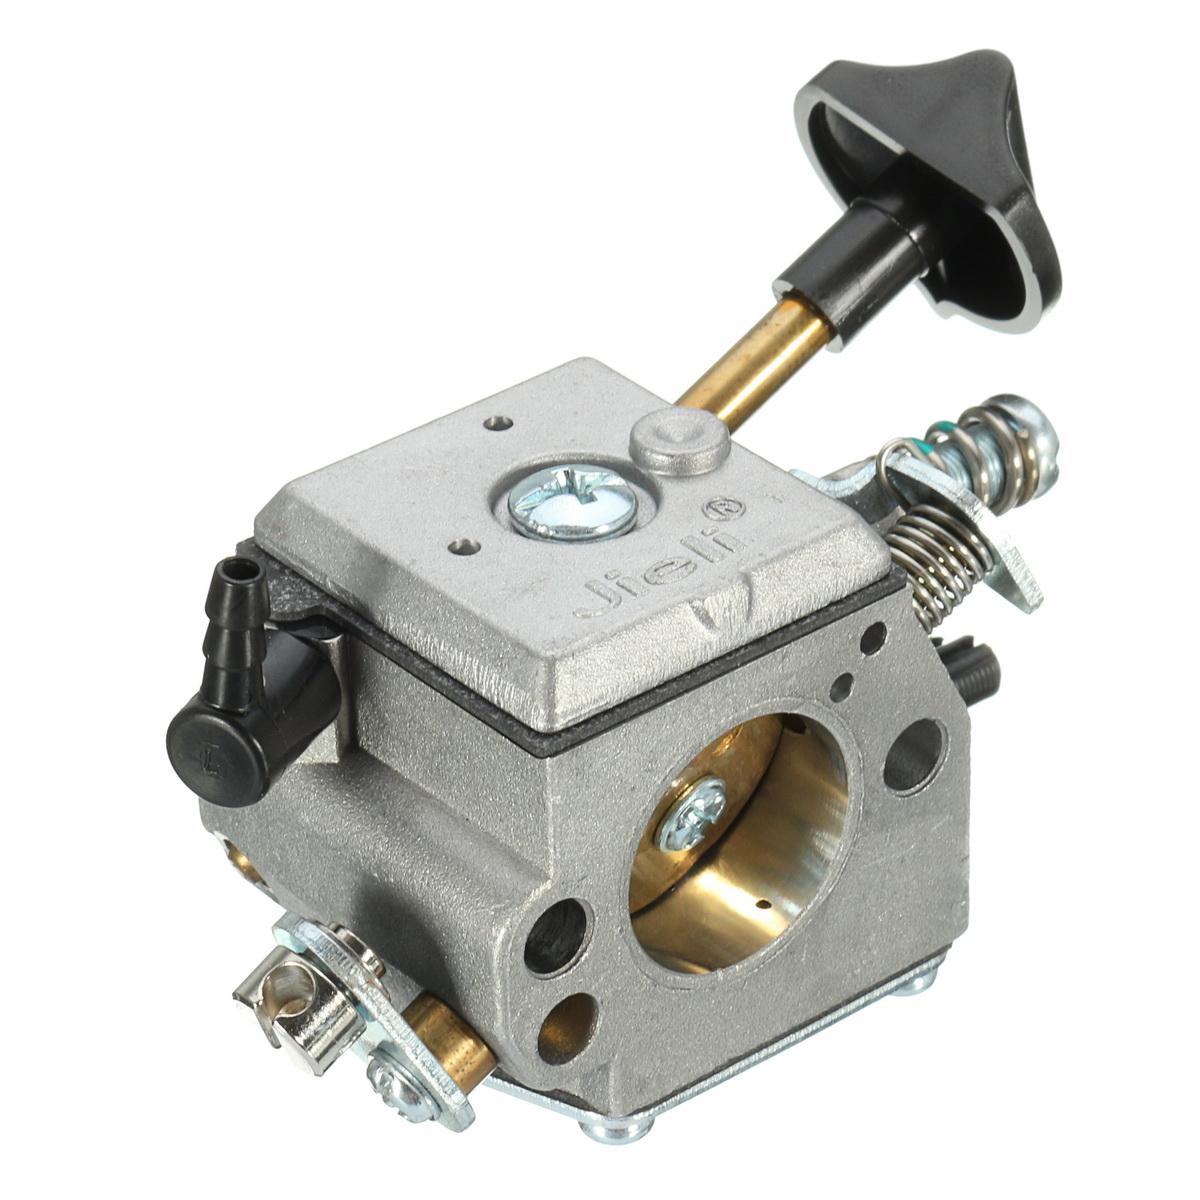 hight resolution of carburetor with fuel filter spark plug for stihl br400 br420 br320 br380 backpack blower